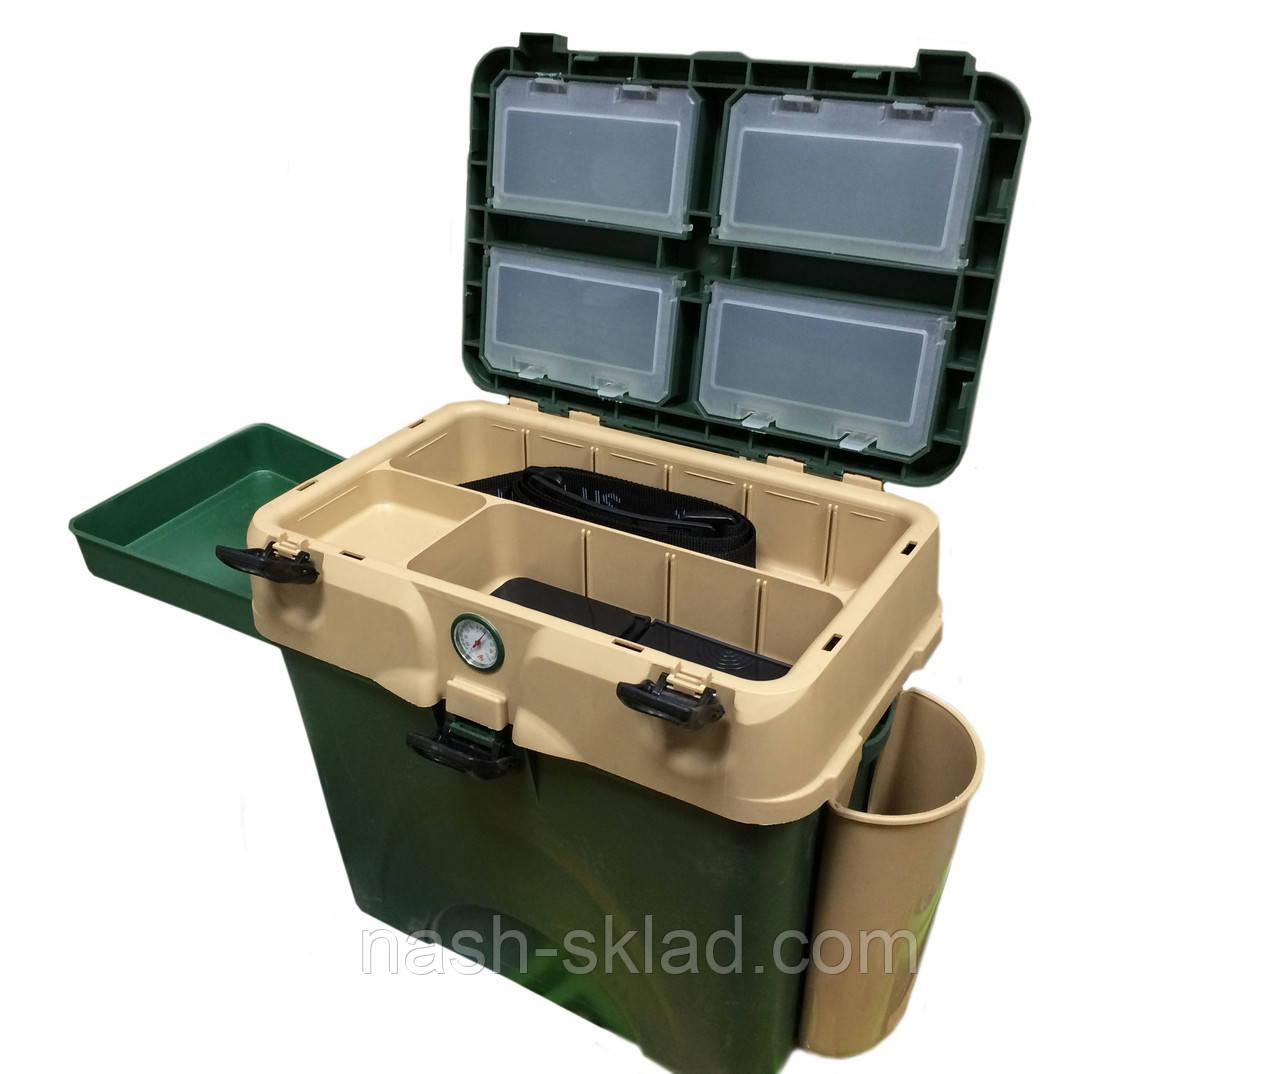 Ящик для зимней рыбалки с термометром, очень теплый верх, большая вместительность - Наш Склад в Киеве